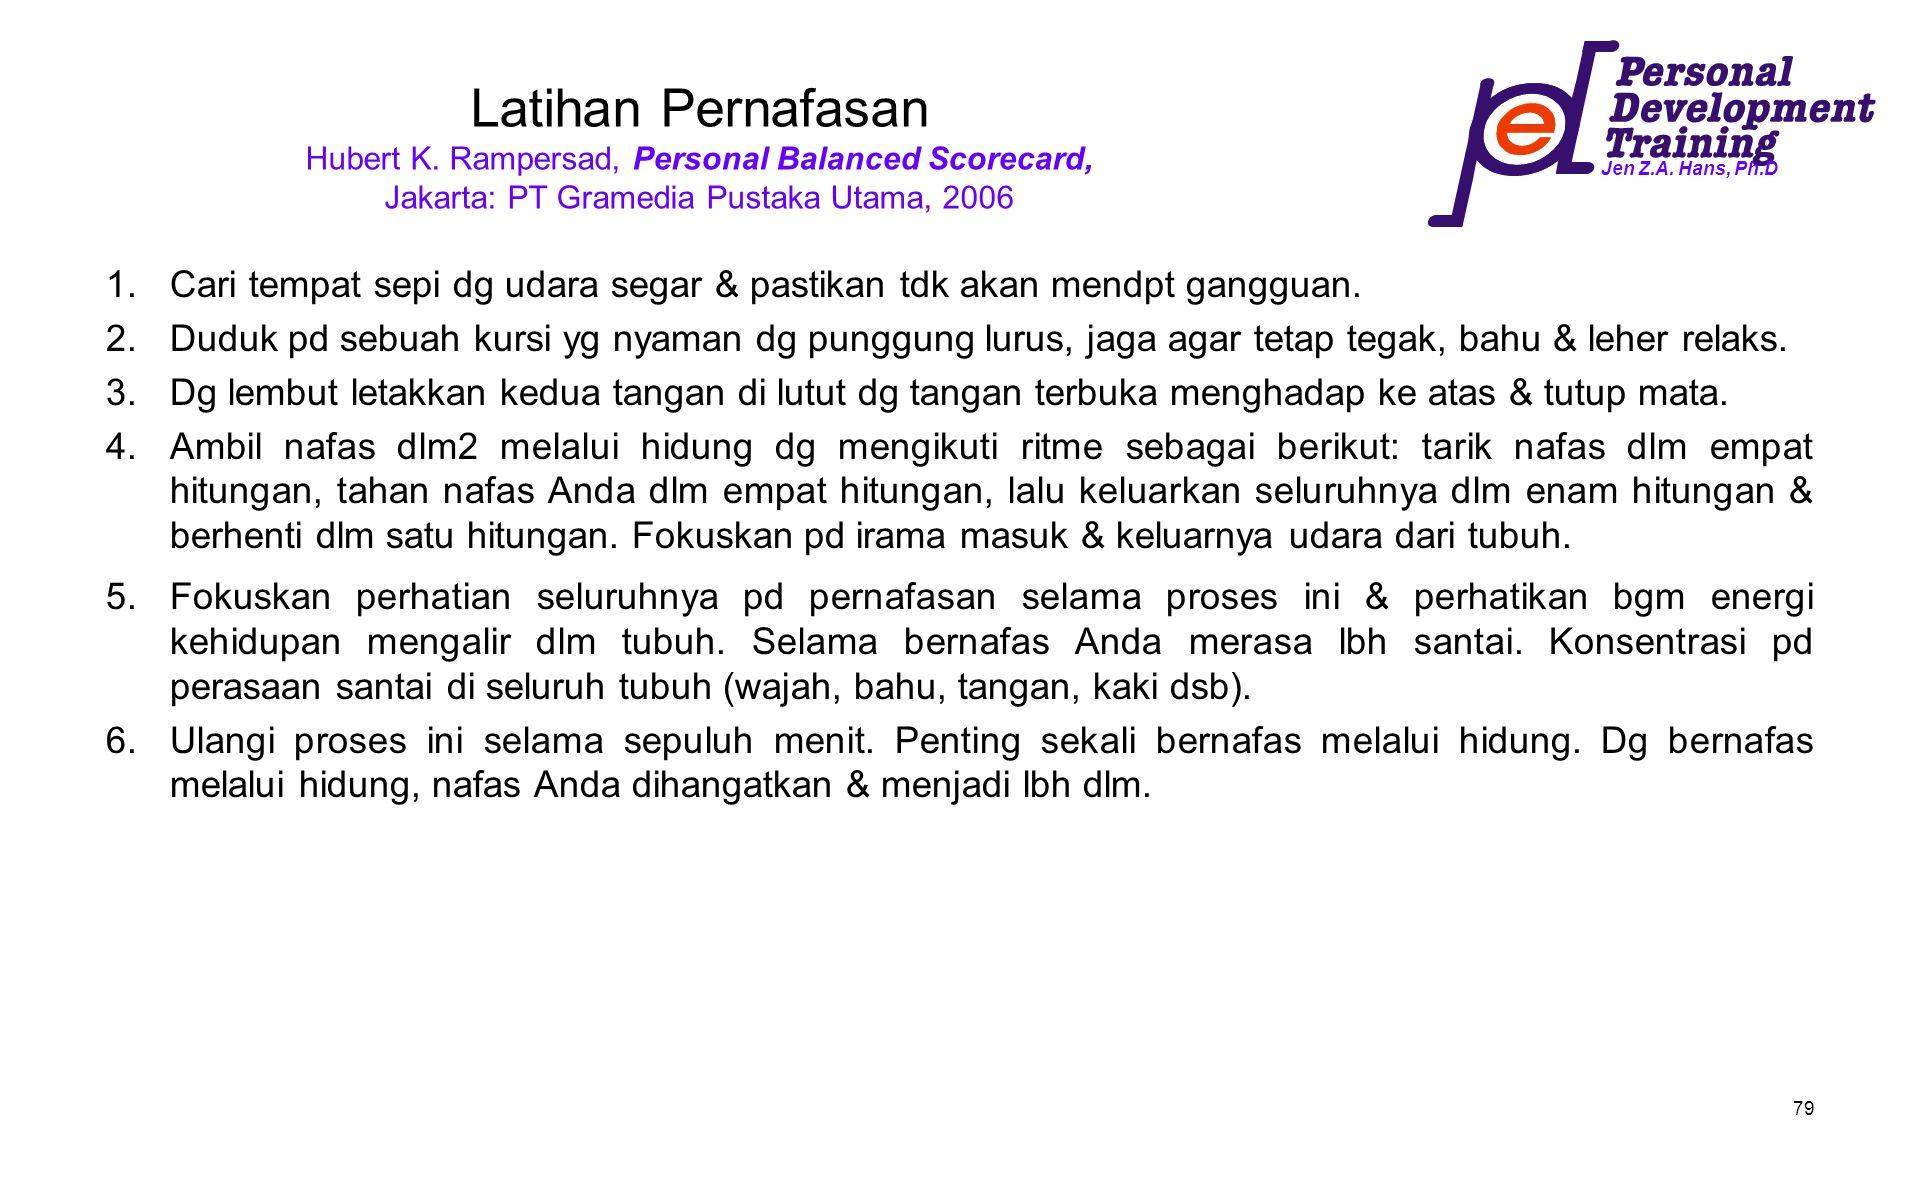 Jen Z.A. Hans, Ph.D 79 Latihan Pernafasan Hubert K. Rampersad, Personal Balanced Scorecard, Jakarta: PT Gramedia Pustaka Utama, 2006 1.Cari tempat sep